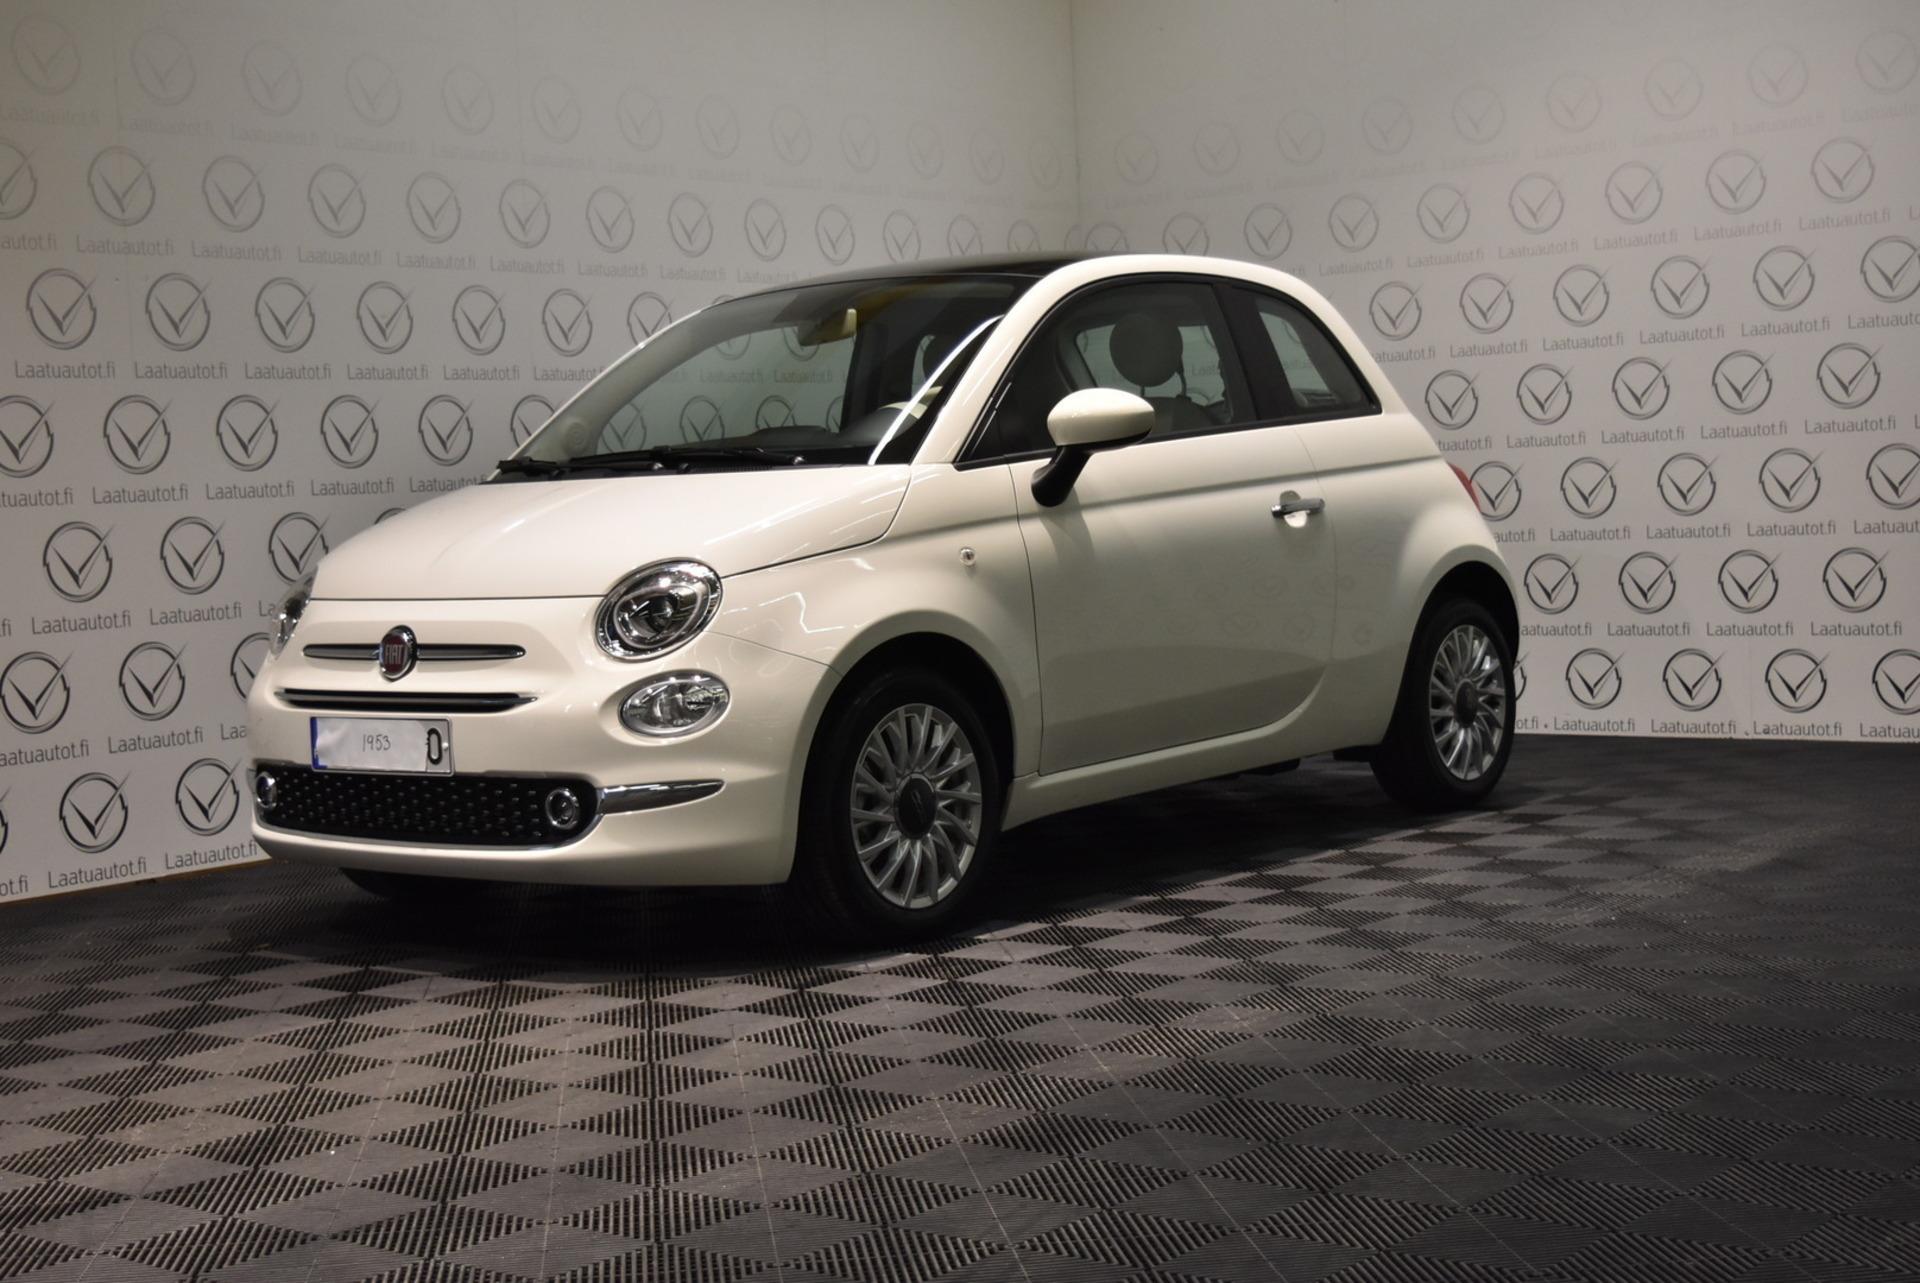 FIAT 500 1, 0 70hv Hybrid MT Lounge - Uuteen varastossa olevaan Fiat 500 autoon vähintään 2000? hyvitys autostasi ja rahoitustarjous 0, 99% korolla syyskuun loppuun!!